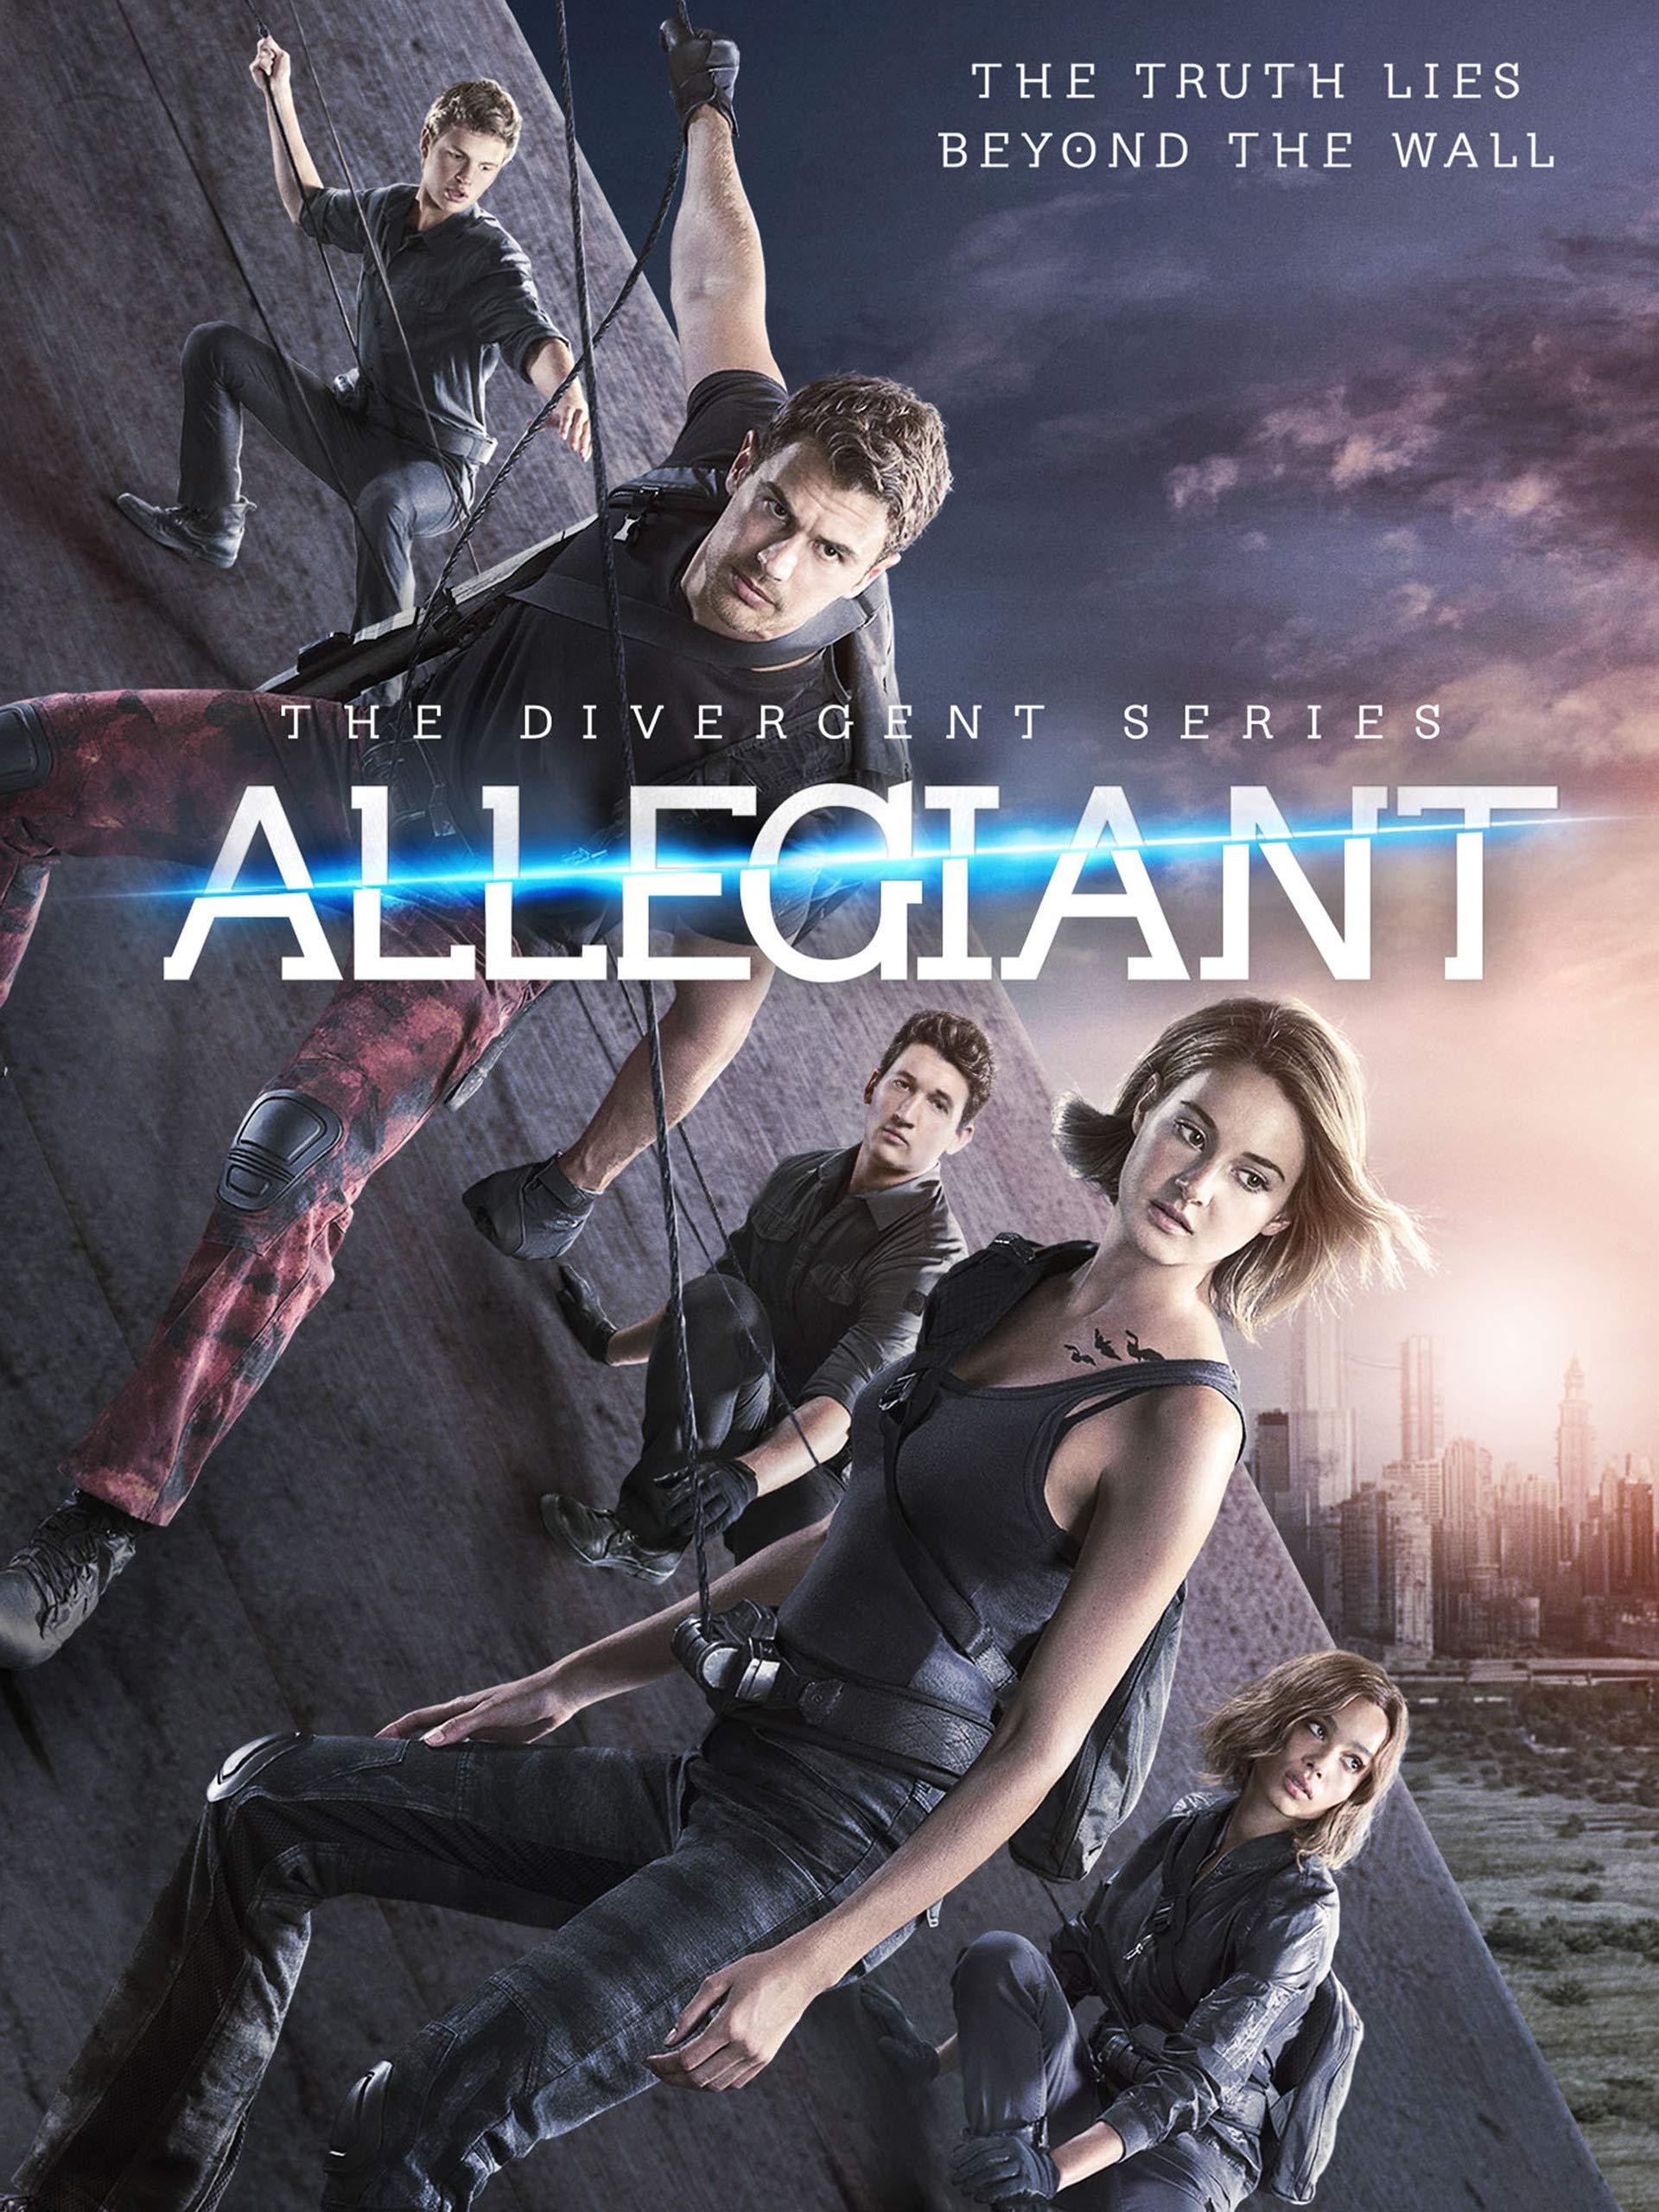 divergent full movie online free 123movies